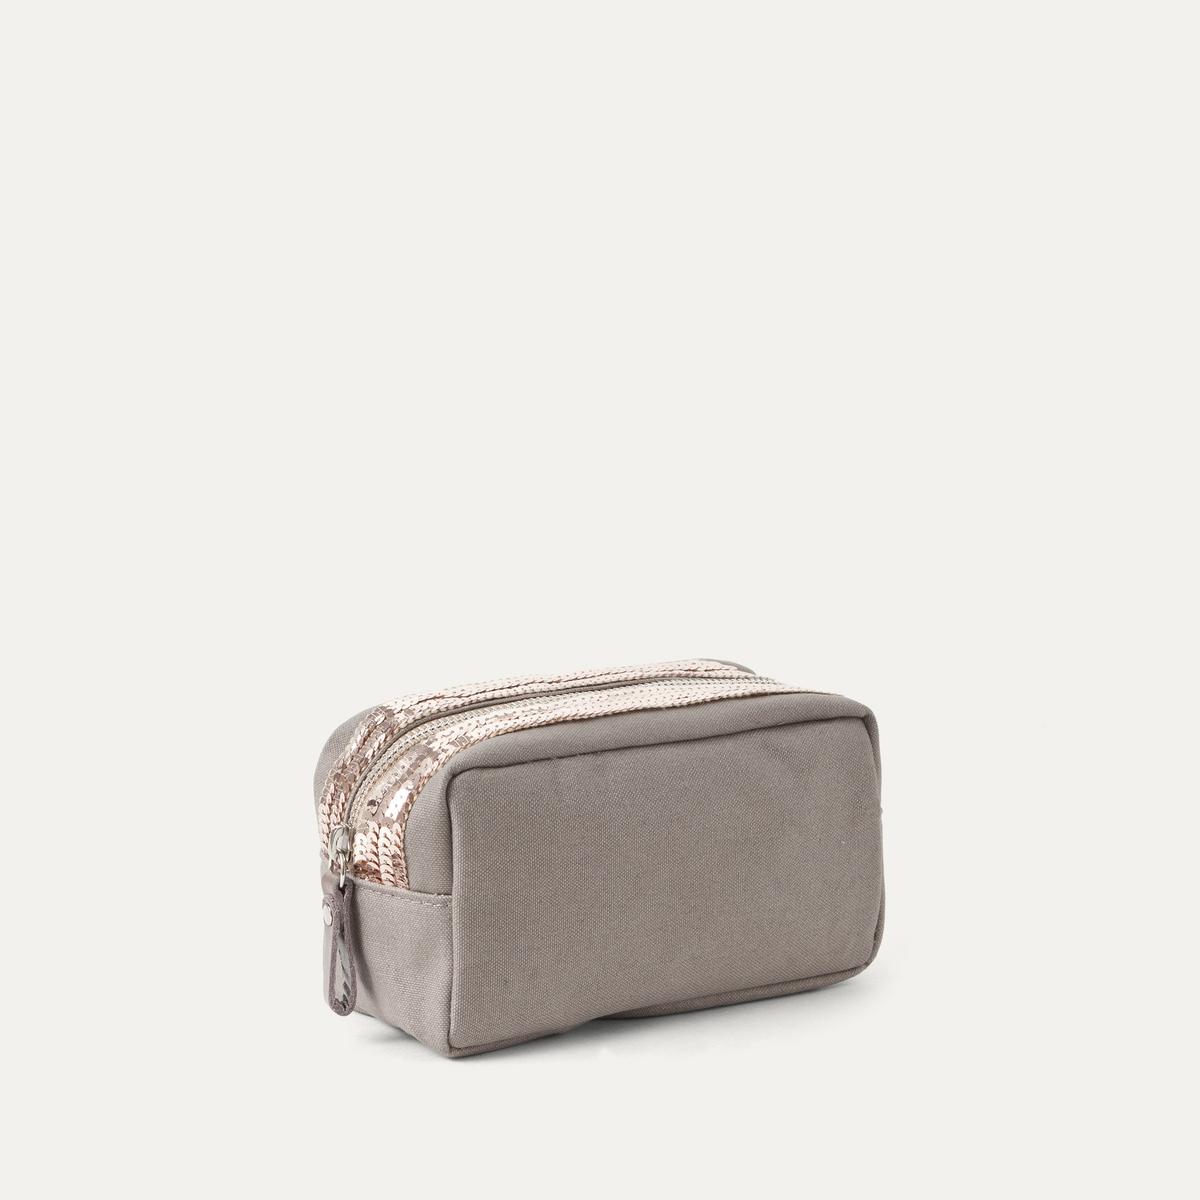 Сумка для макияжа из ткани с блесткамиСумка ATHE VANESSA BRUNO - модель сумки для макияжа из канвы серого цвета с блестками . Застежка на молнию. Внутренний карман на молнии. Состав и описание:    Материал : Ткань канва 100% хлопокПодкладка из поплина 100% хлопок    Размеры : Шир.. 18 x В. 11 x Г. 9 см   Марка : ATHE VANESSA BRUNO<br><br>Цвет: серый